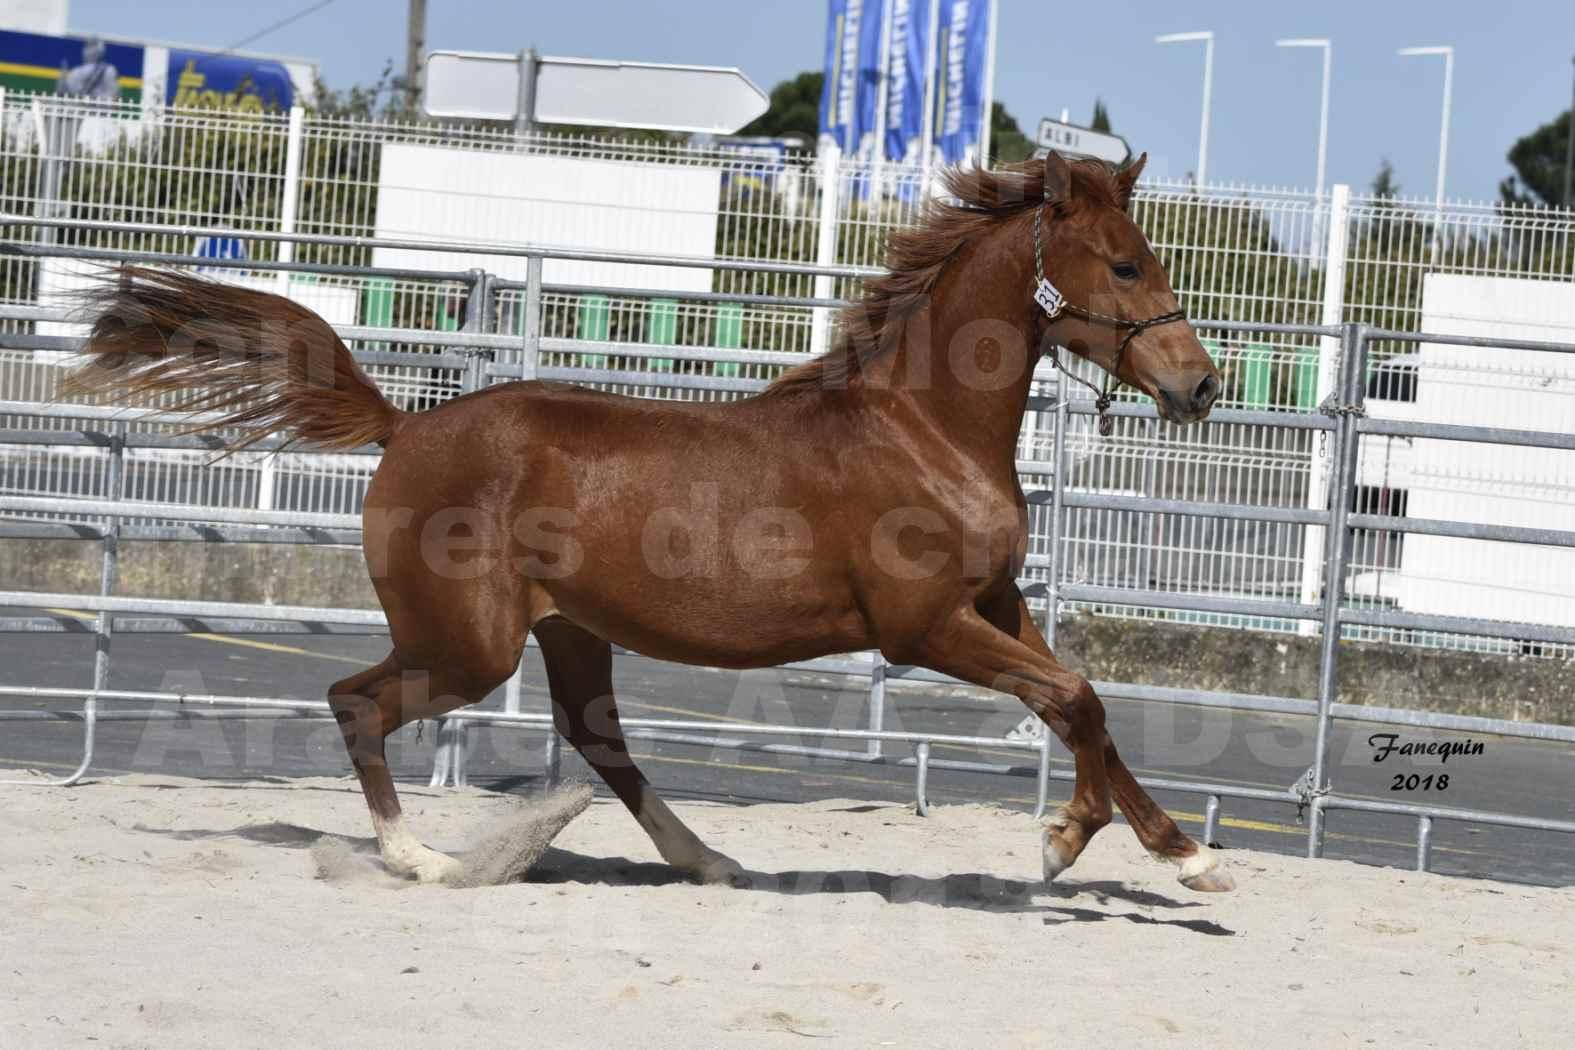 Concours d'élevage de Chevaux Arabes - D. S. A. - A. A. - ALBI les 6 & 7 Avril 2018 - GRIOU DU GRIOU - Notre Sélection - 6